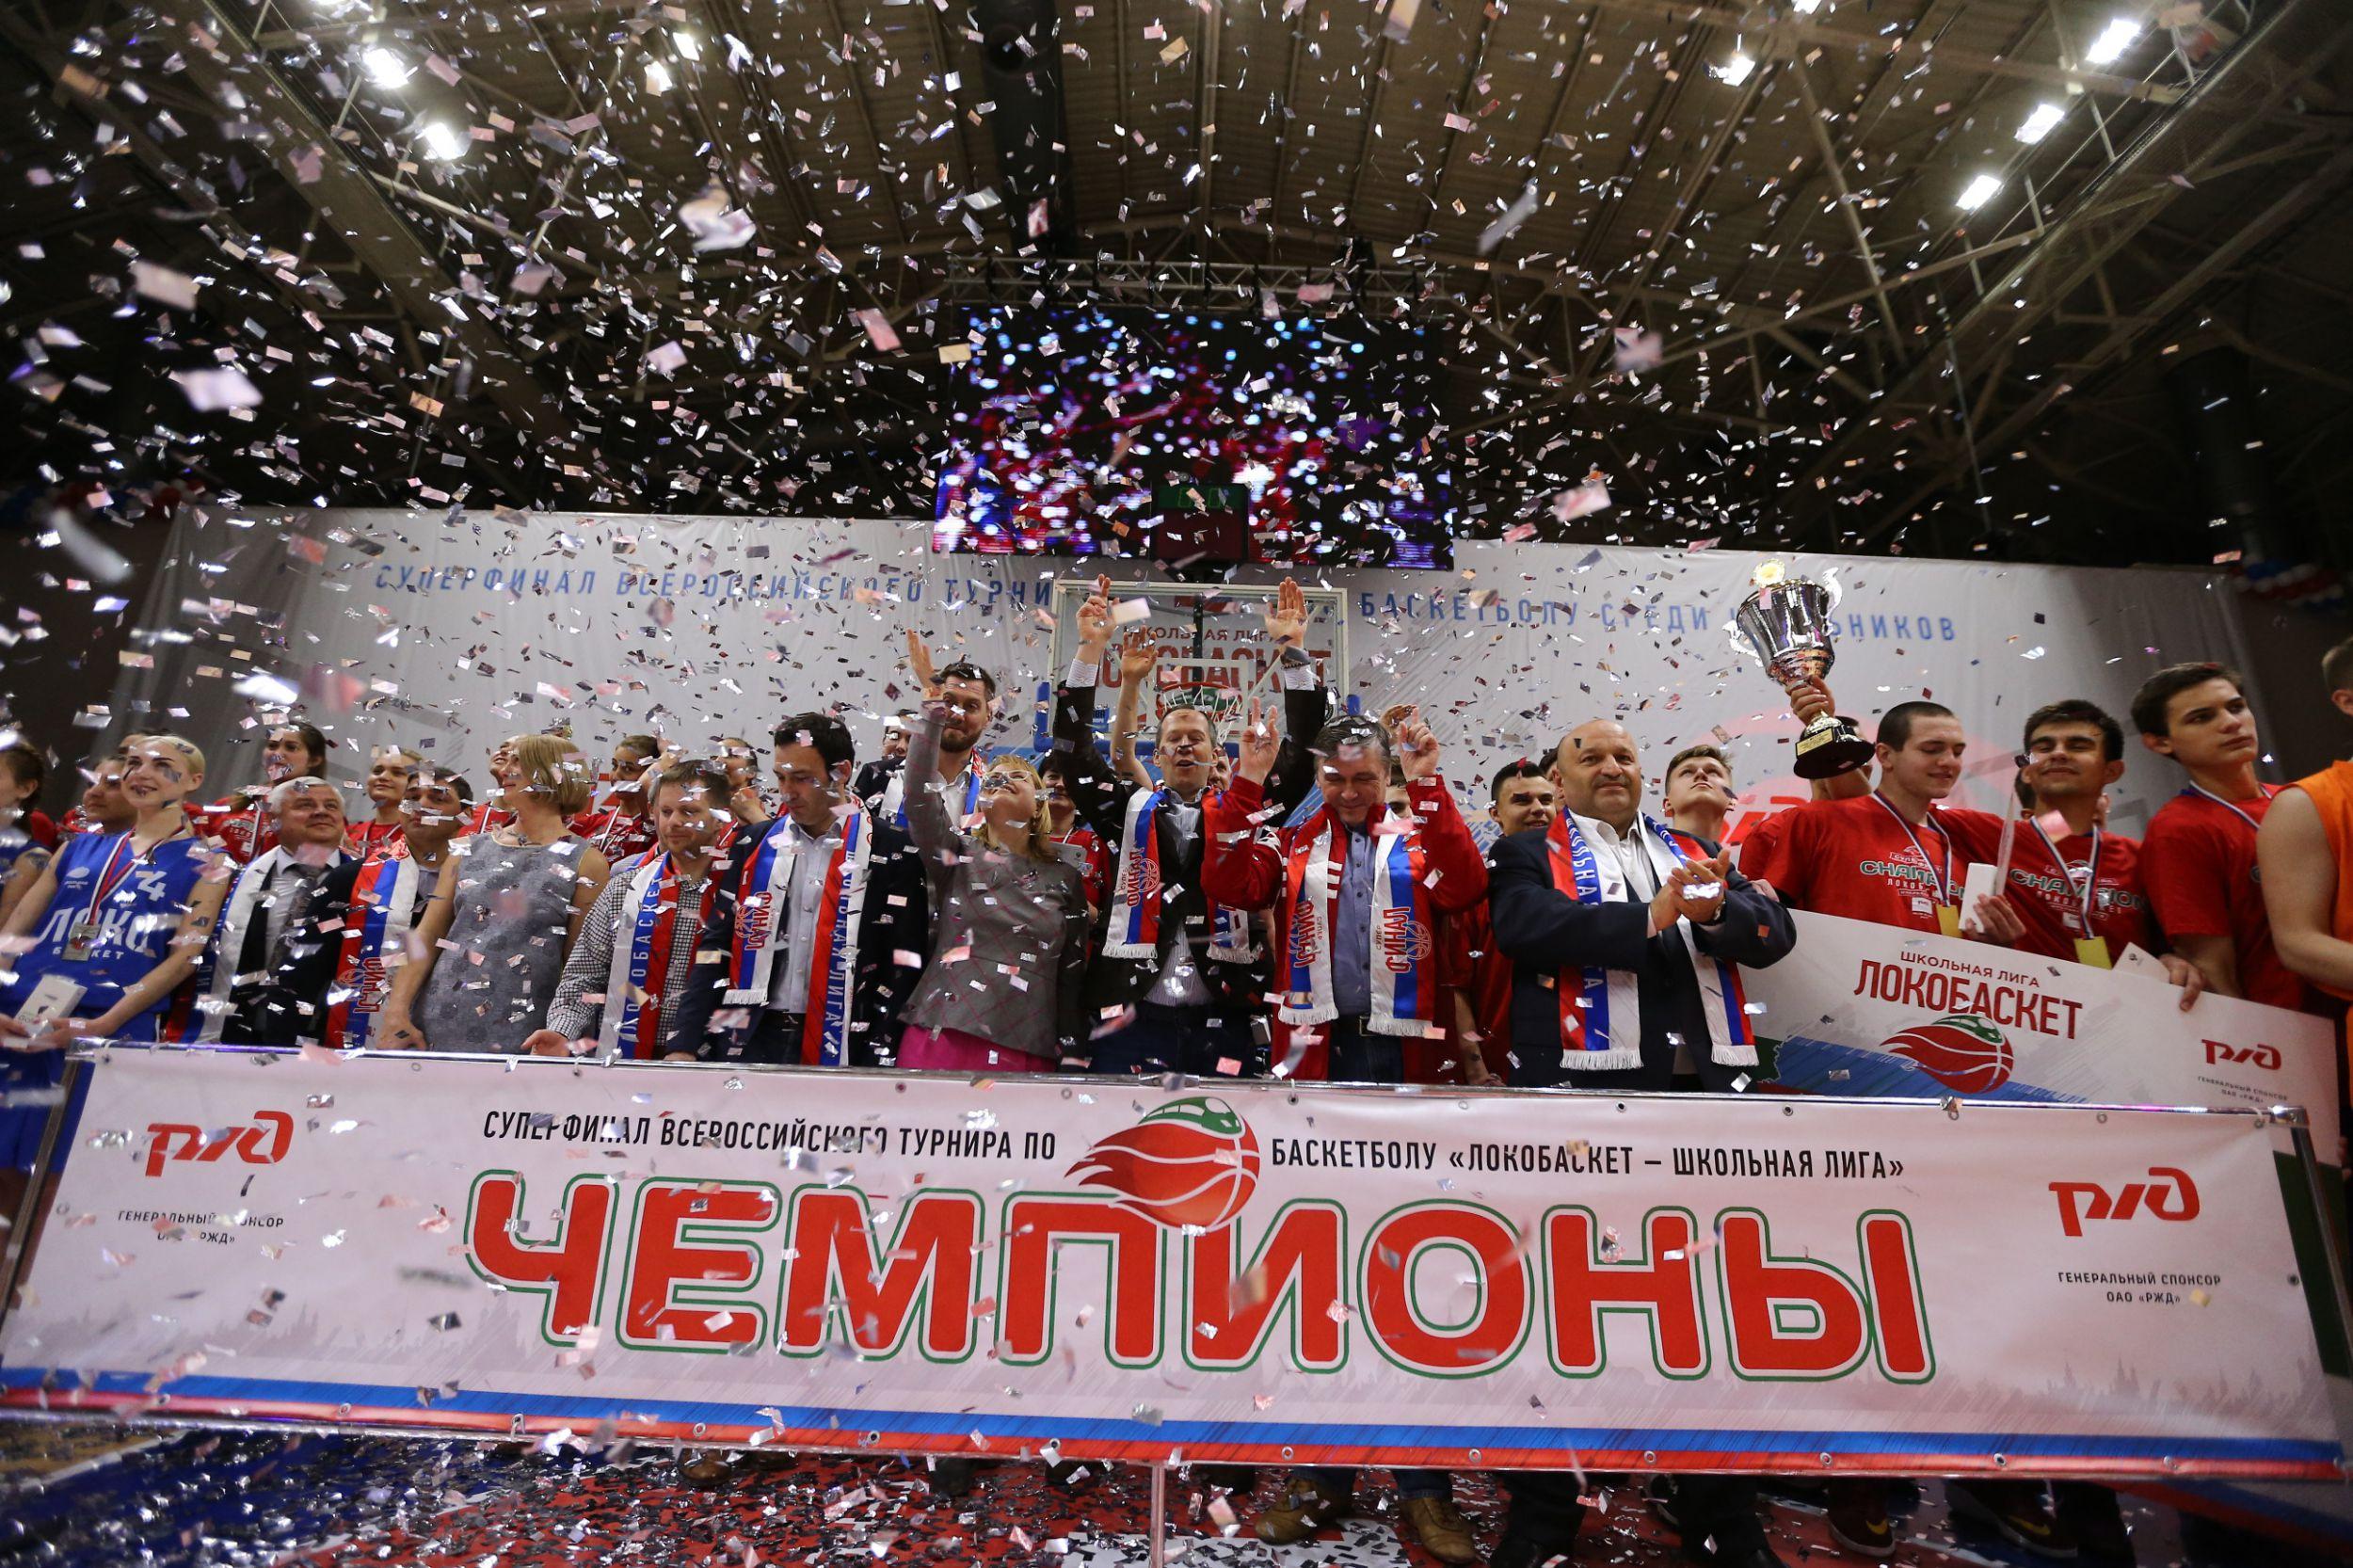 В Ростове-на-Дону завершился Суперфинал «Школьной лиги Локобаскет»